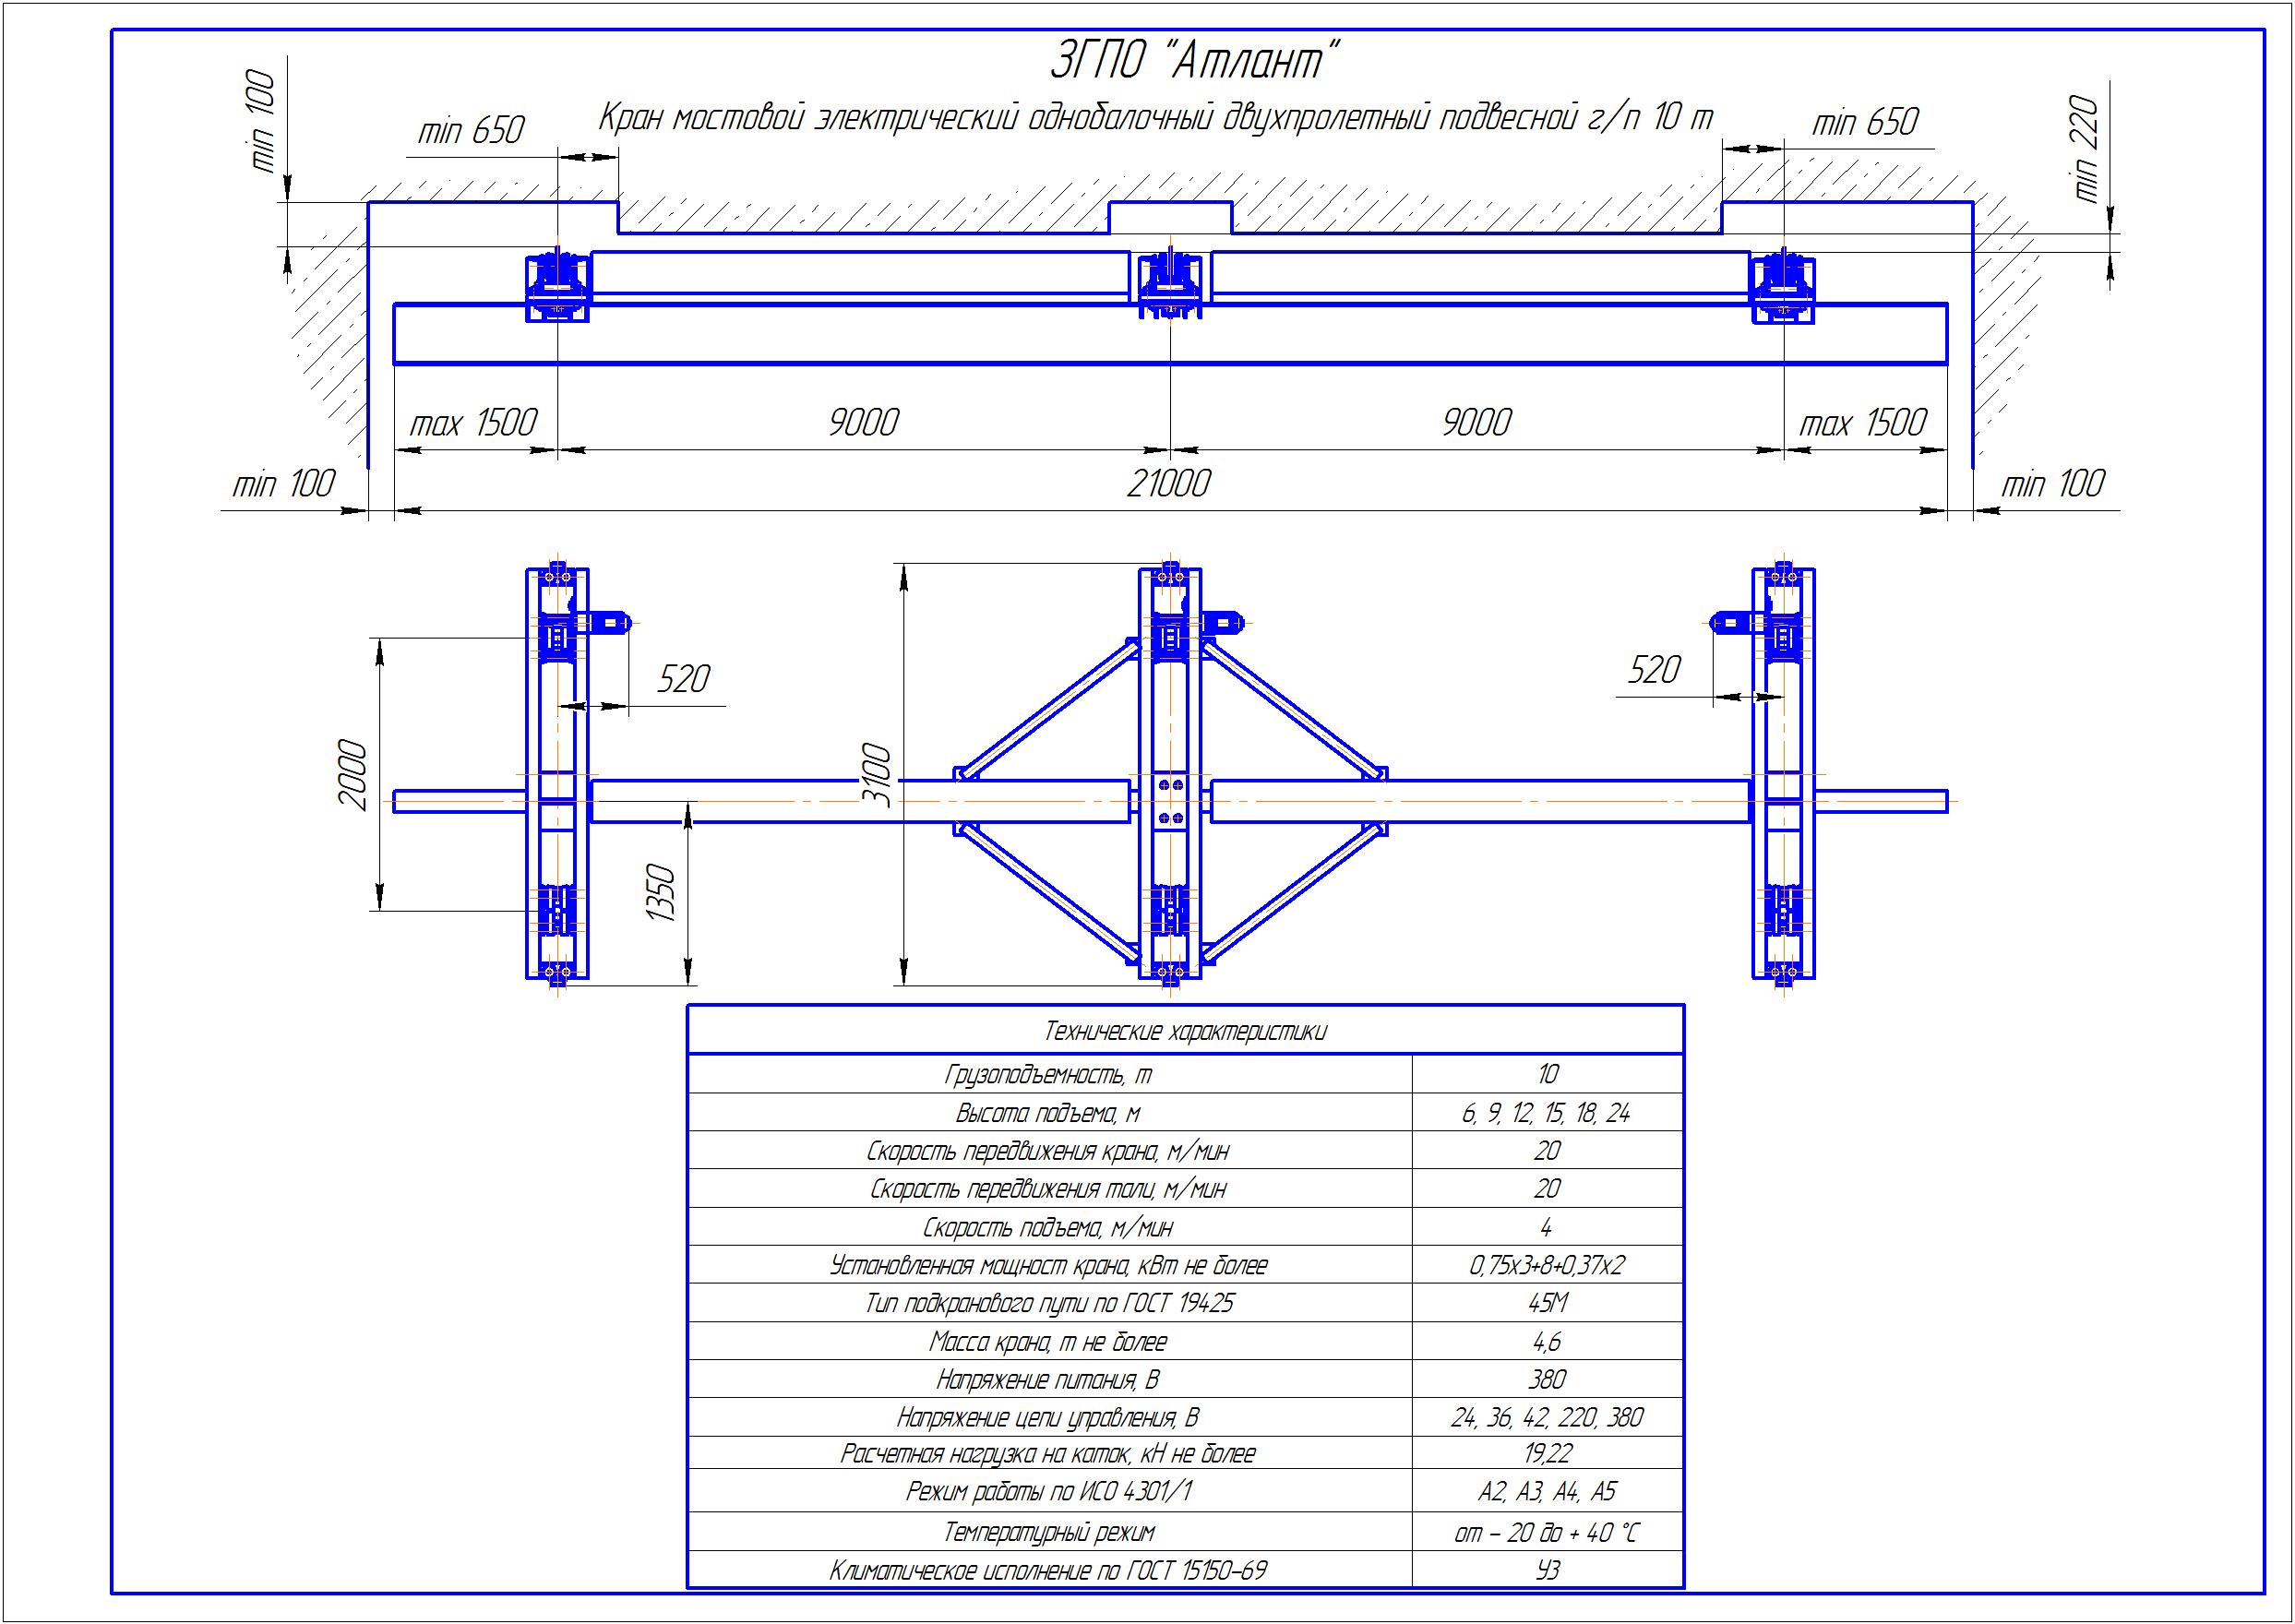 KBPD 7 2 - Подвесная кран балка двухпролетная